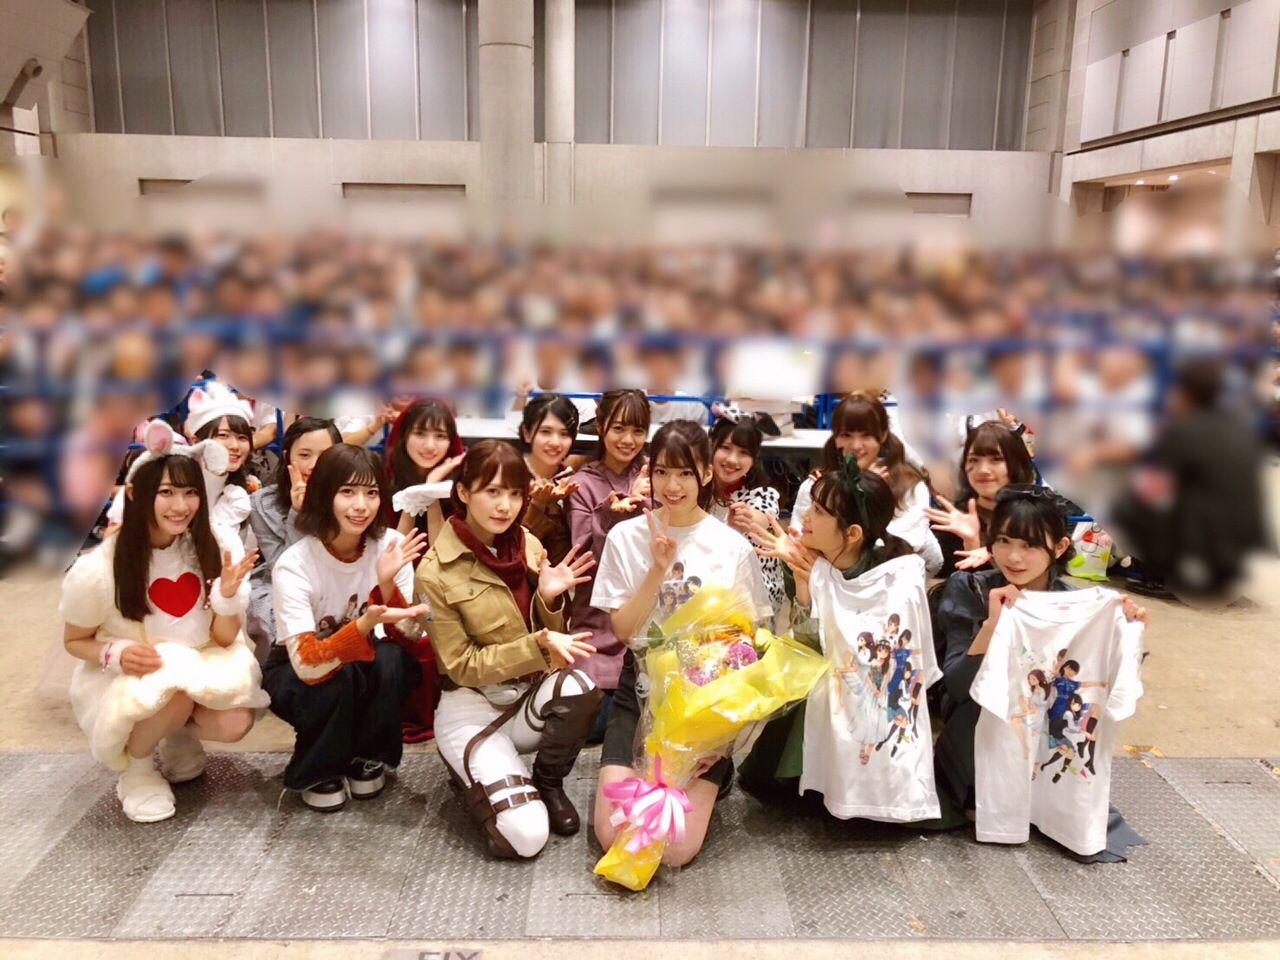 高本 彩花 生誕祭ありがとうございました 祭 ブログ 日